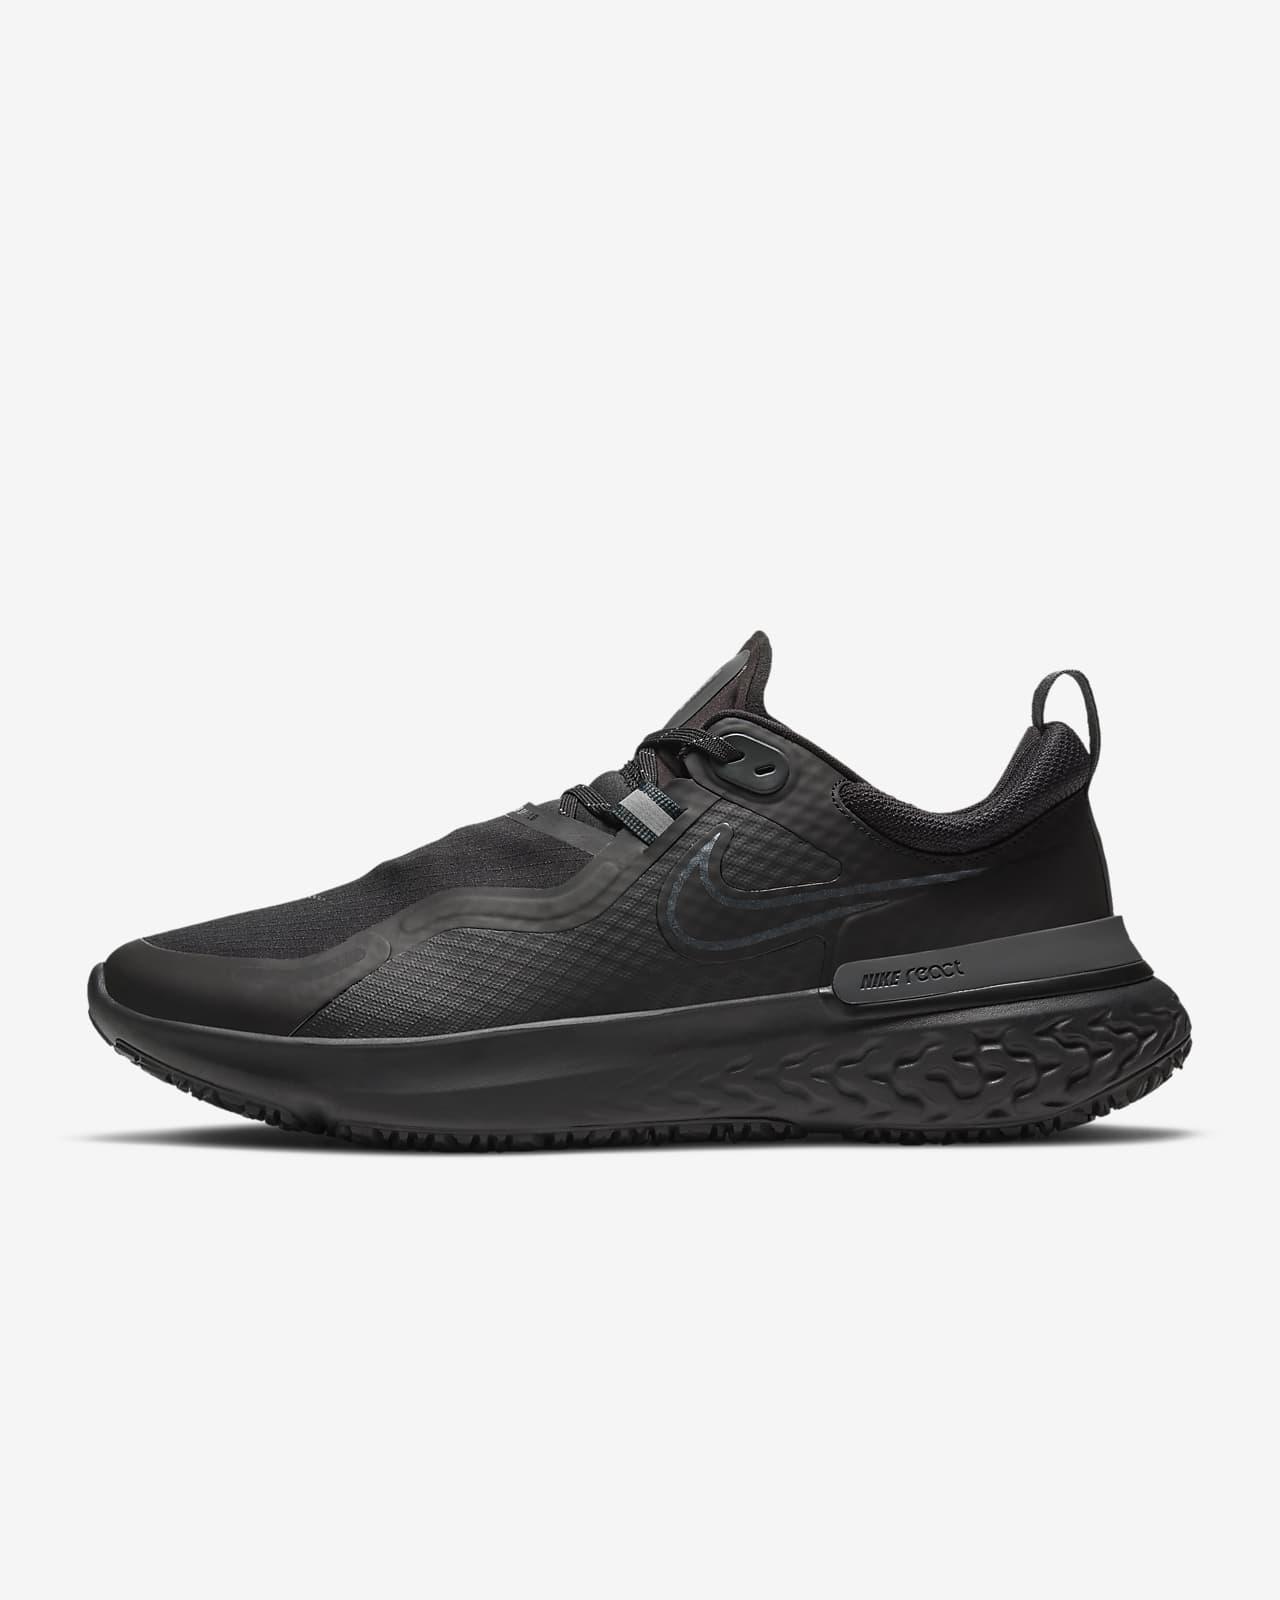 Ανδρικό παπούτσι για τρέξιμο Nike React Miler Shield